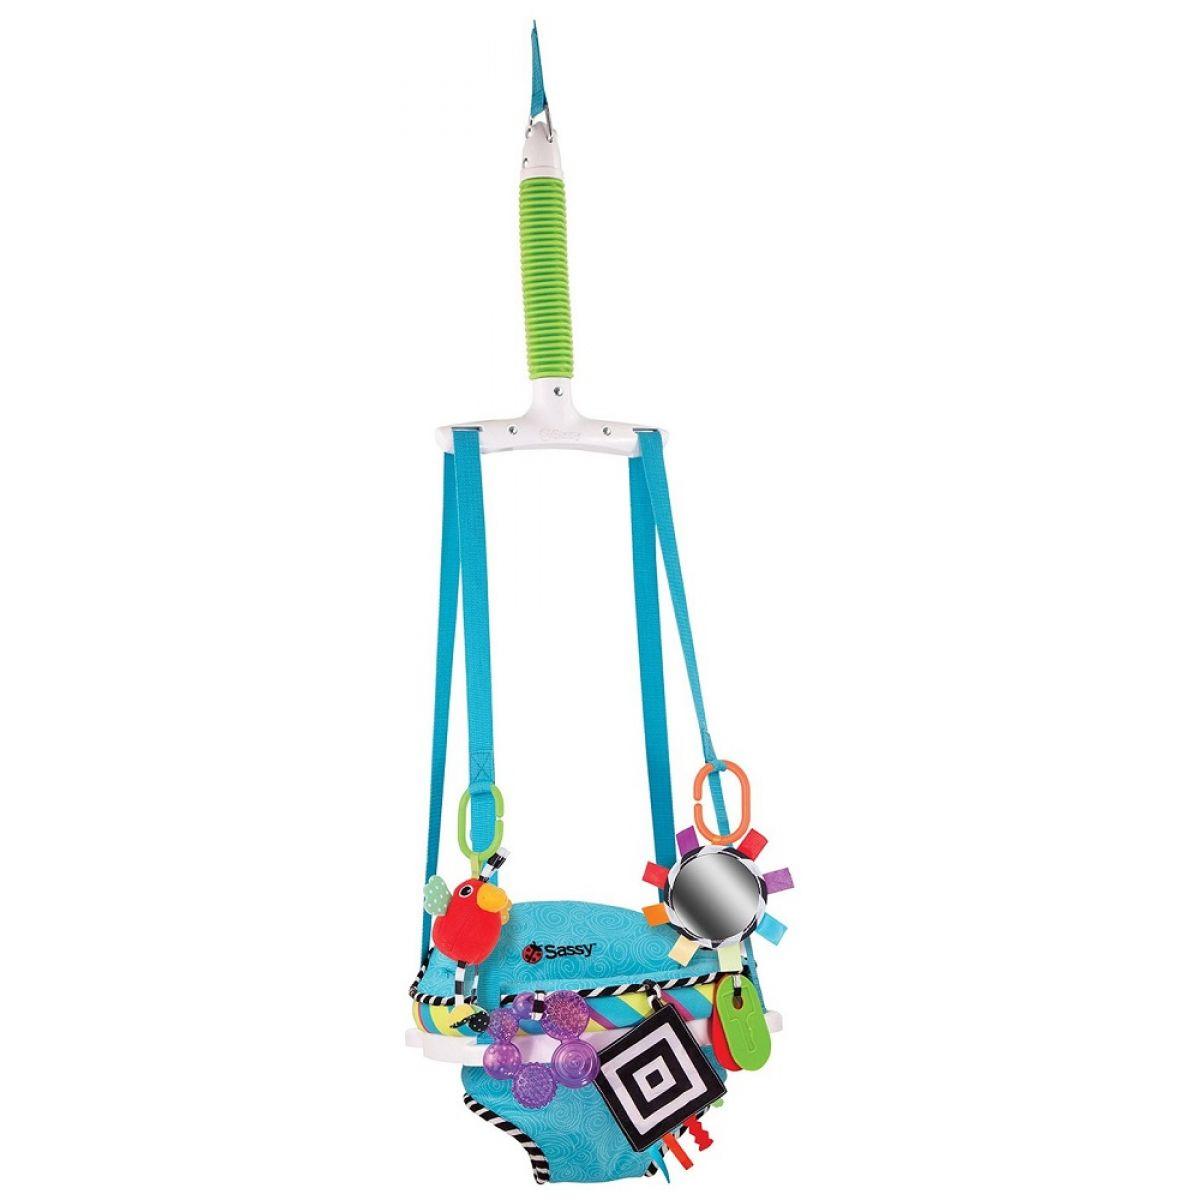 Sassy Skákadlo Doorway Jumper s hračkami